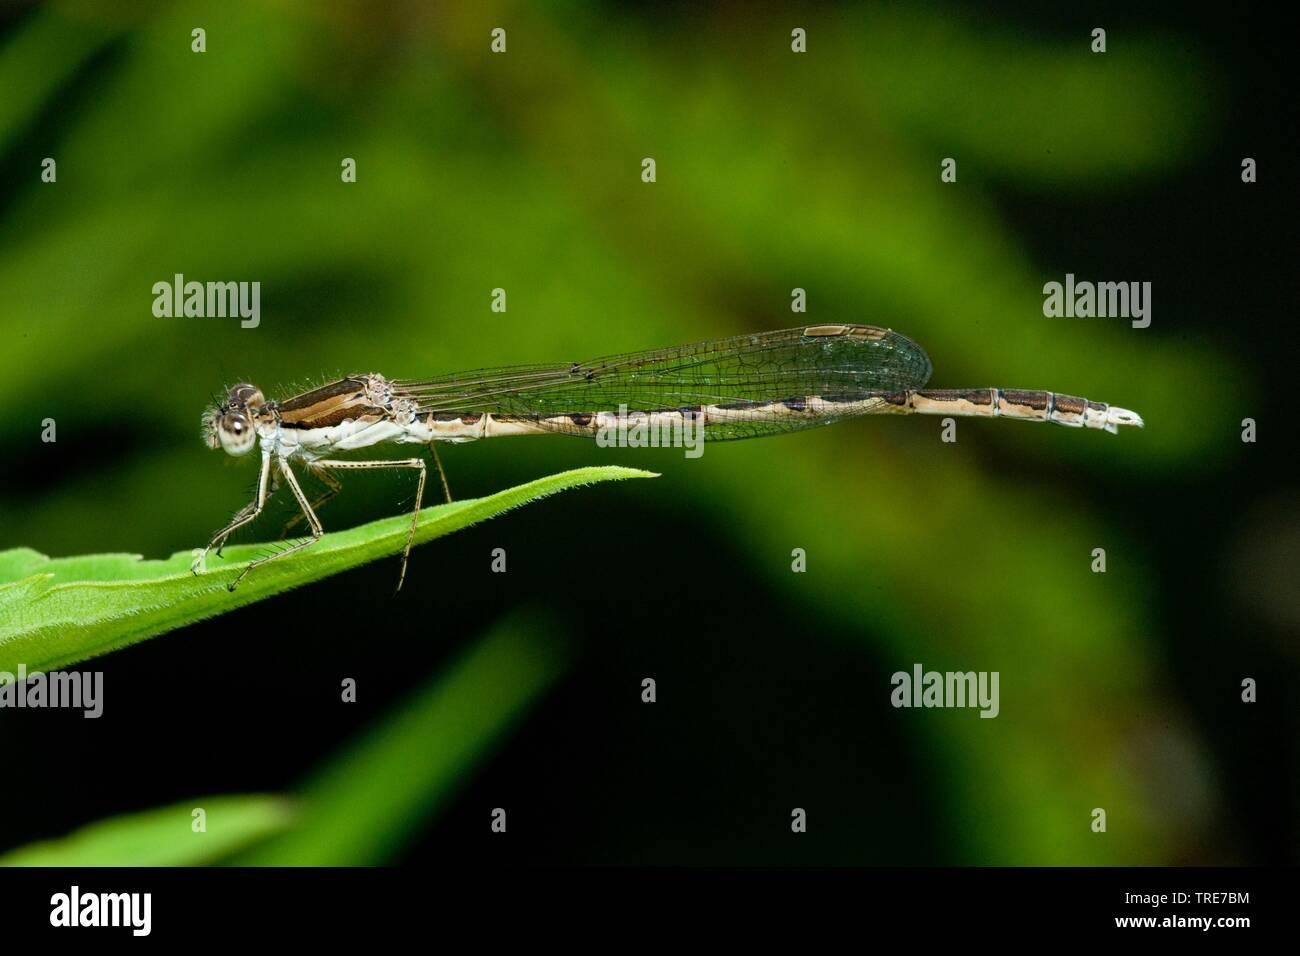 Winterlibelle, Gemeine Winterlibelle (Sympecma fusca), sitzt auf einem Blatt, Deutschland | winter damselfly (Sympecma fusca), sits on a leaf, Germany - Stock Image